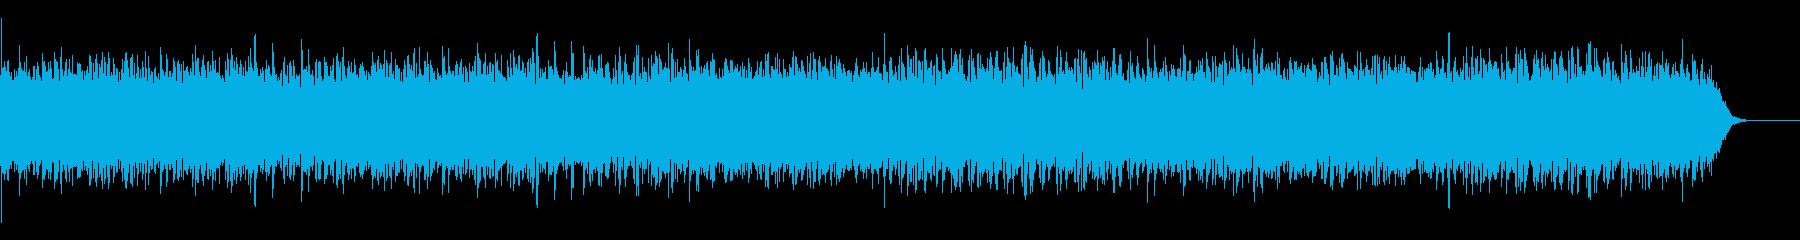 管弦楽組曲第一番 フォルラーヌの再生済みの波形